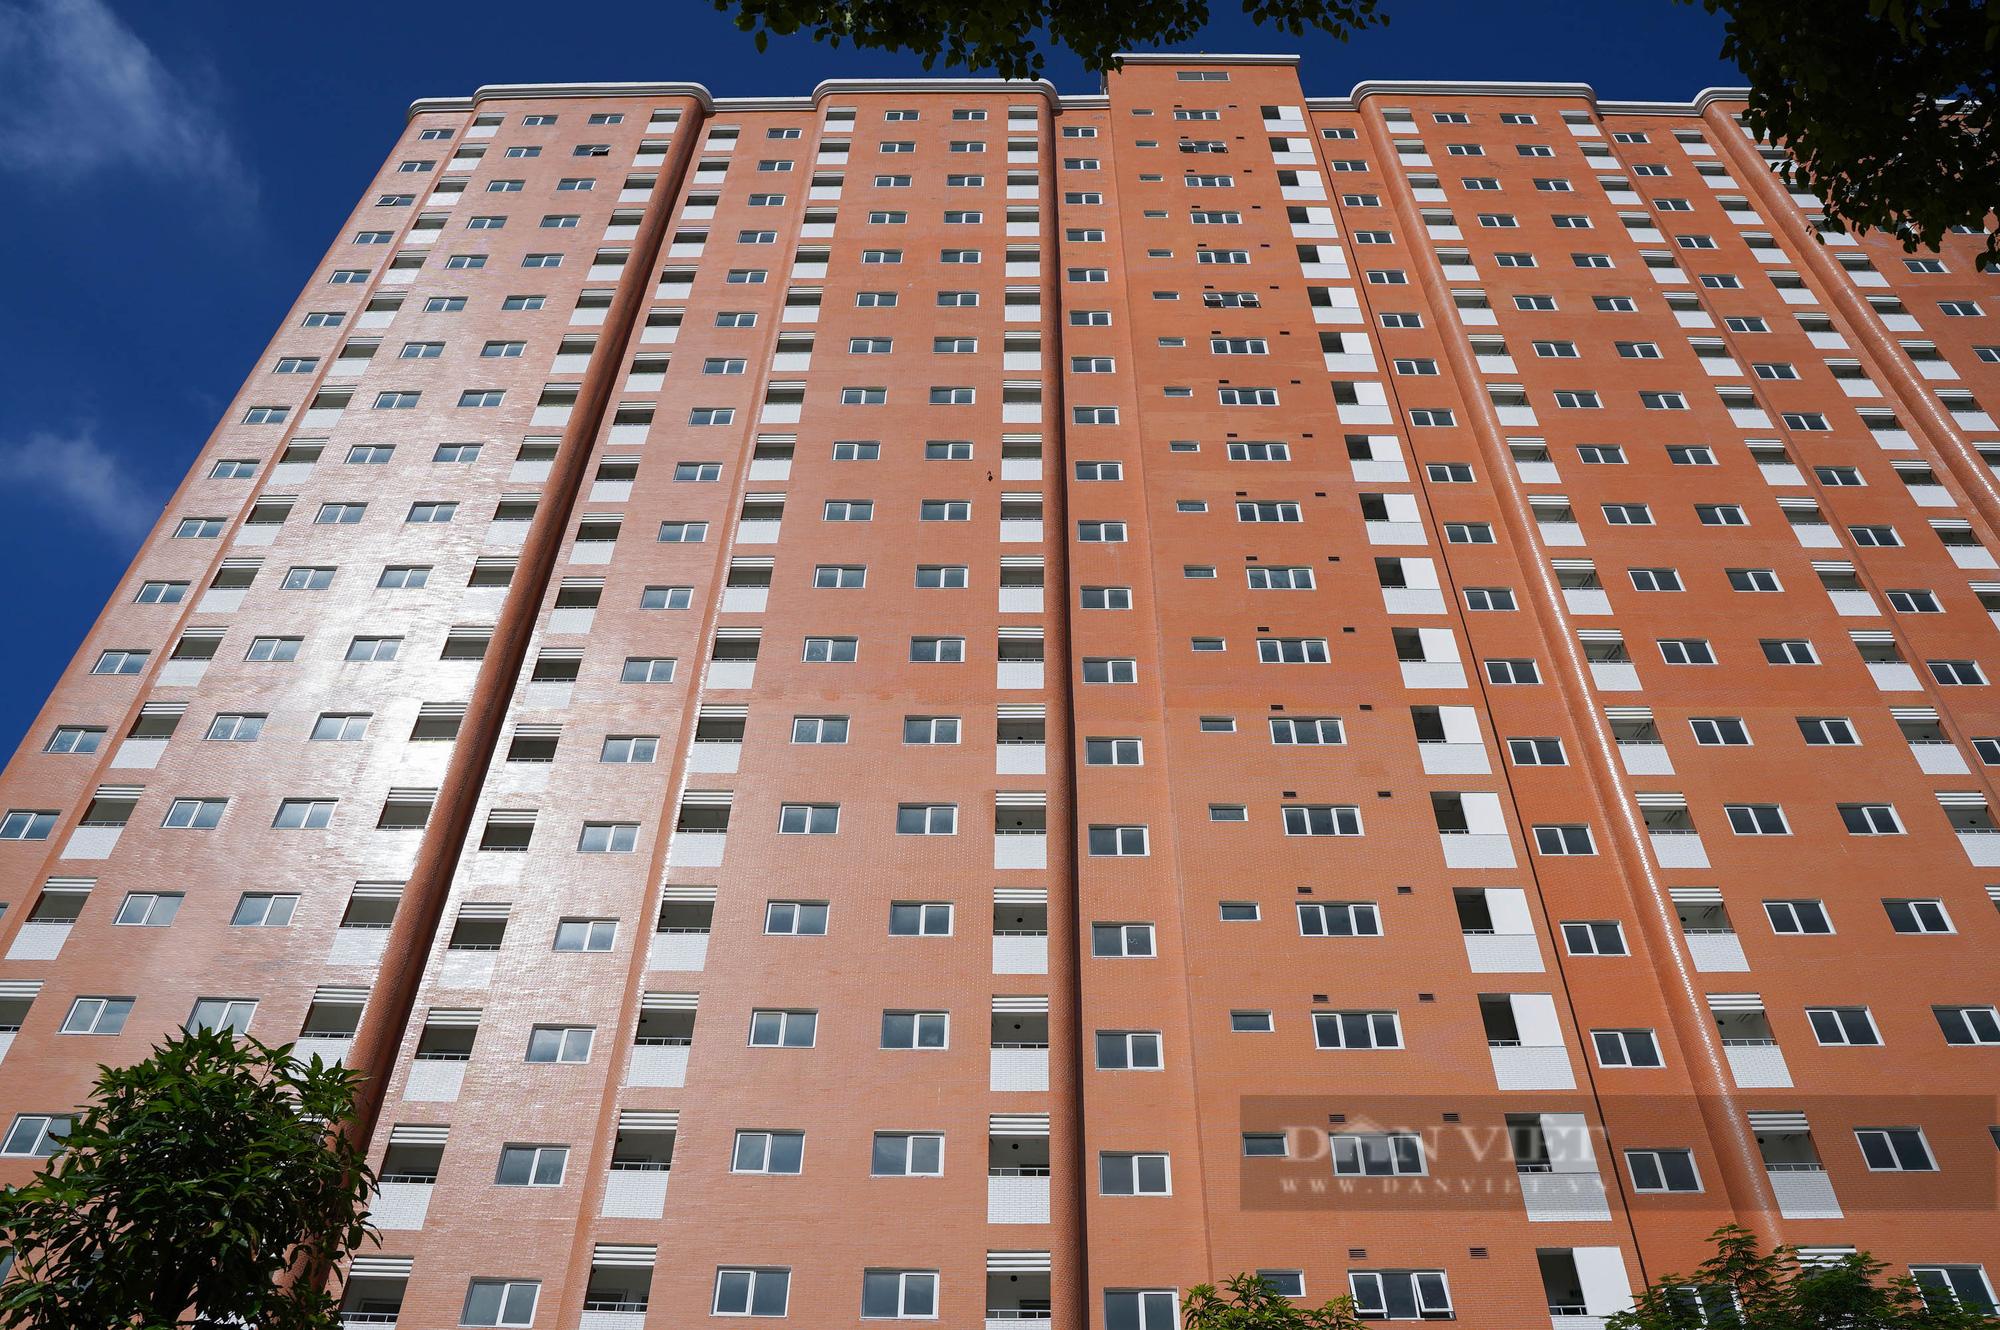 Điểm qua các khu nhà tái định cư được trưng dụng là bệnh viện dã chiến tại Hà Nội - Ảnh 2.